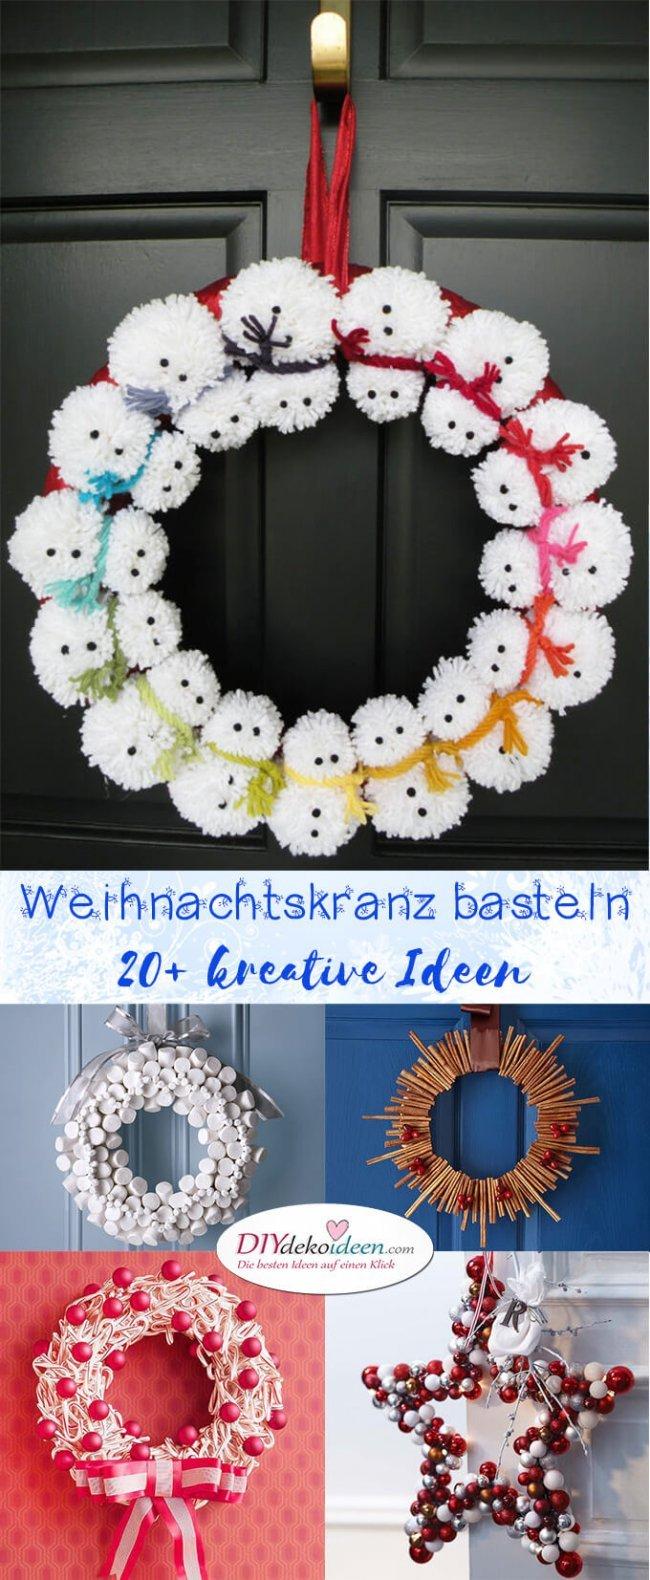 So Konnt Ihr Einen Richtig Kreativen Weihnachtskranz Basteln 20 Ideen